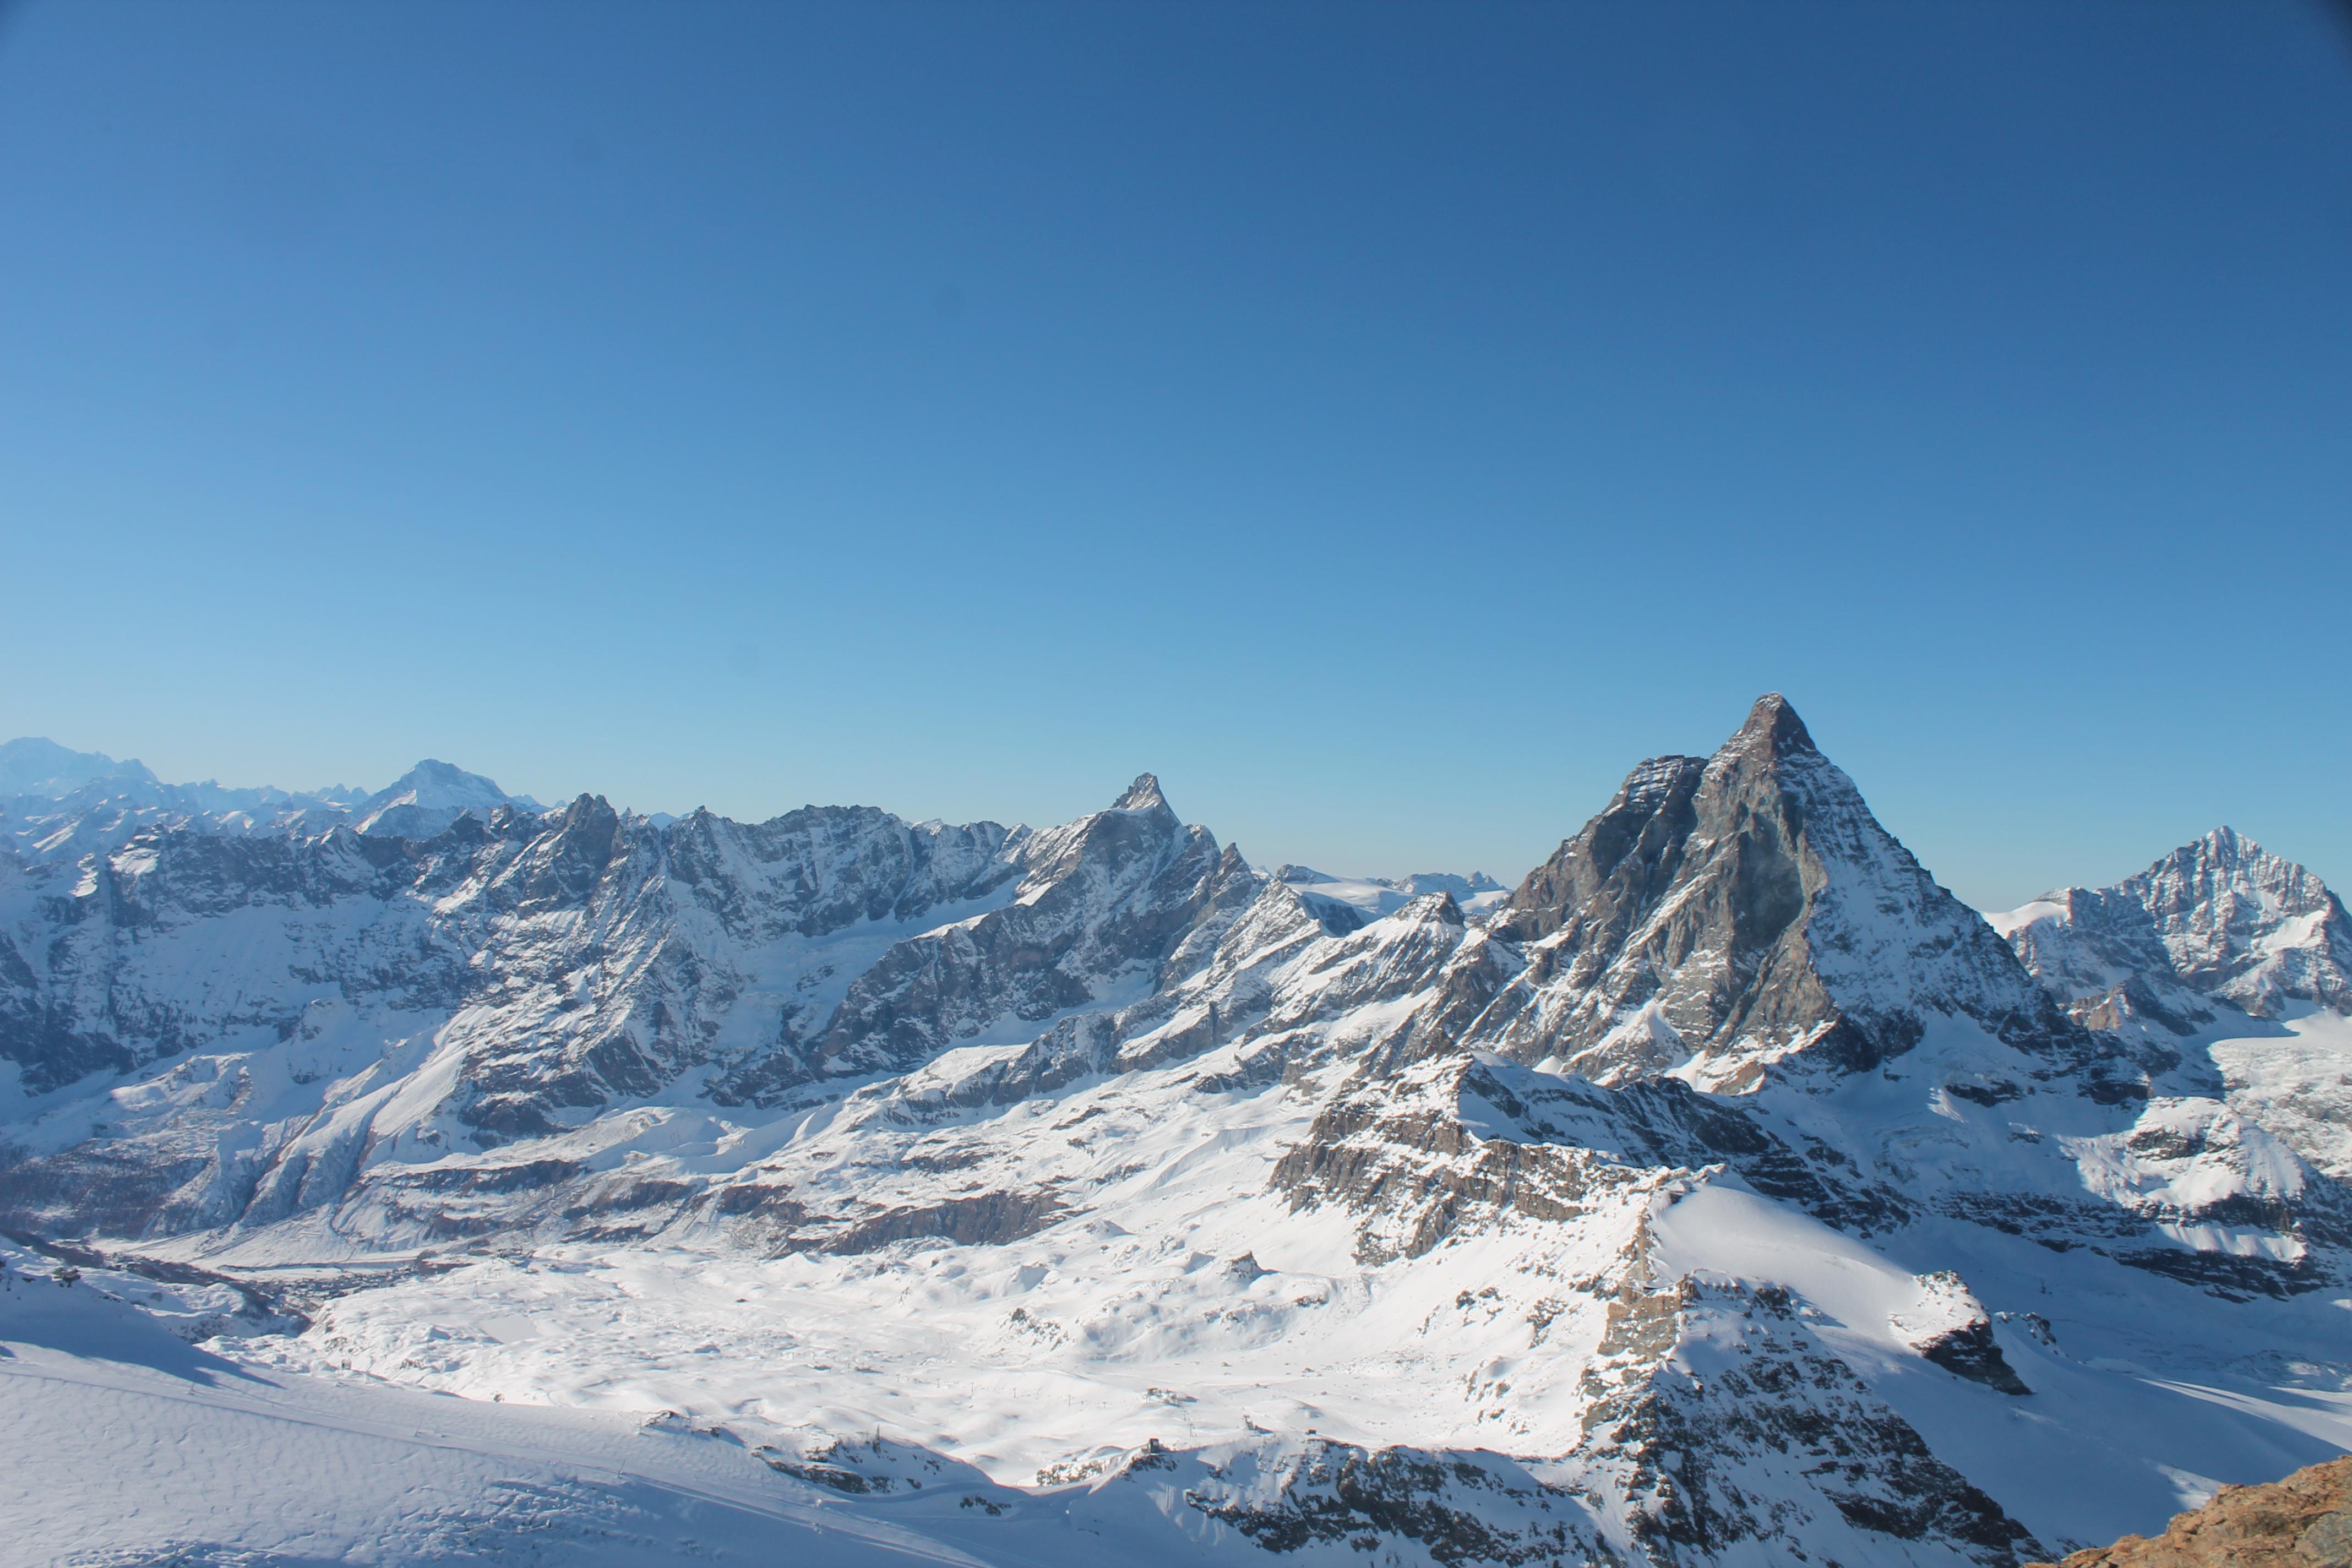 Vista del Matterhorn / Cervino desde Klein Matterhorn